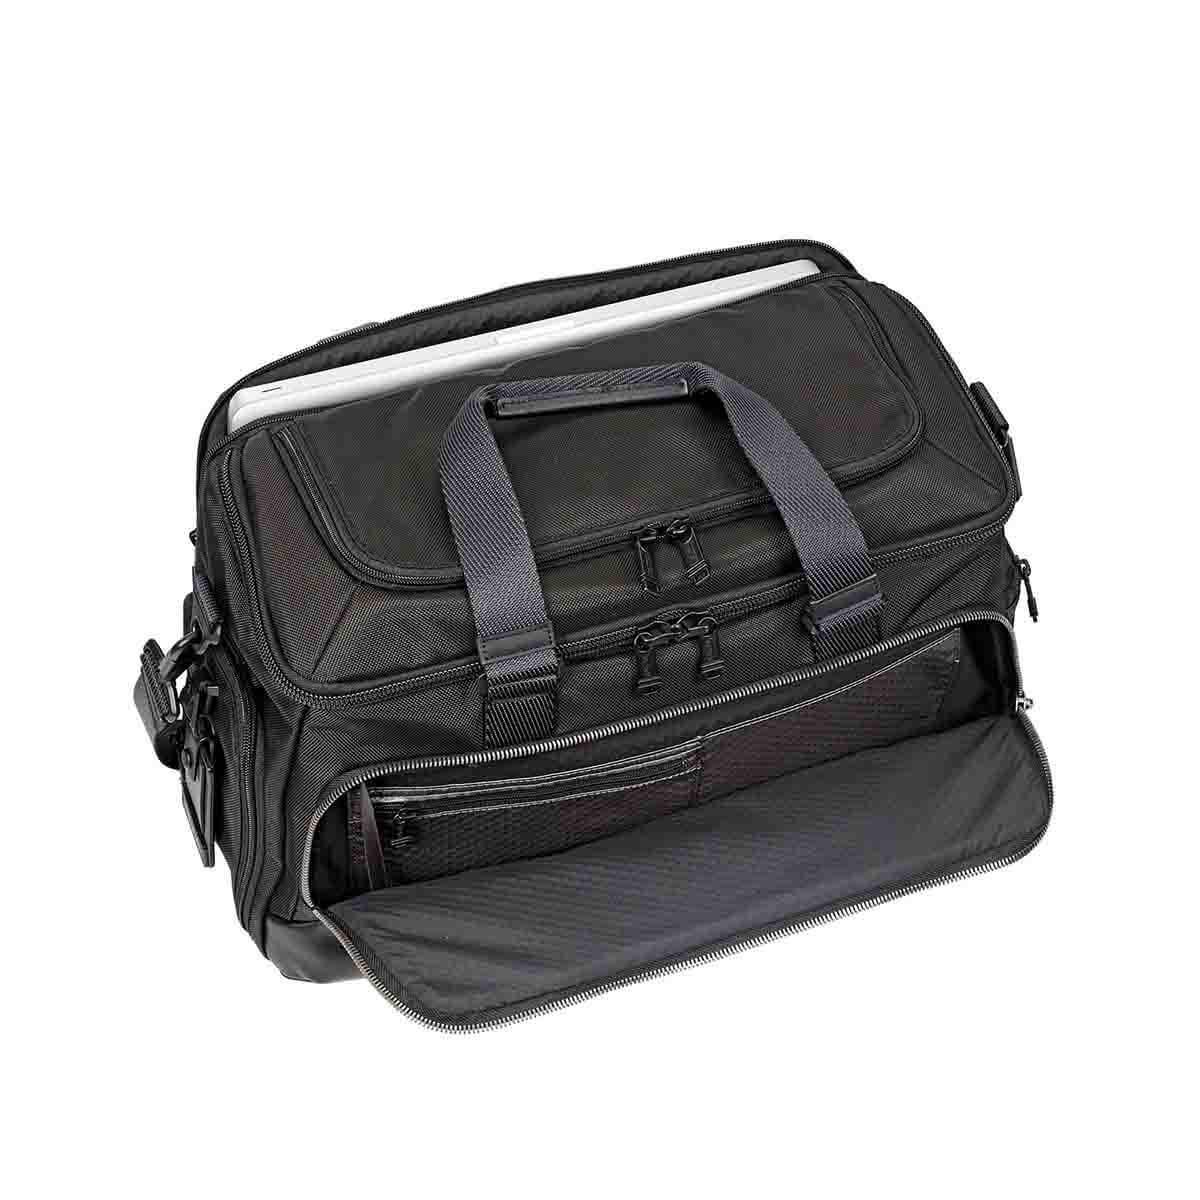 Tumi 232322 mccoy gym bag - Tumi